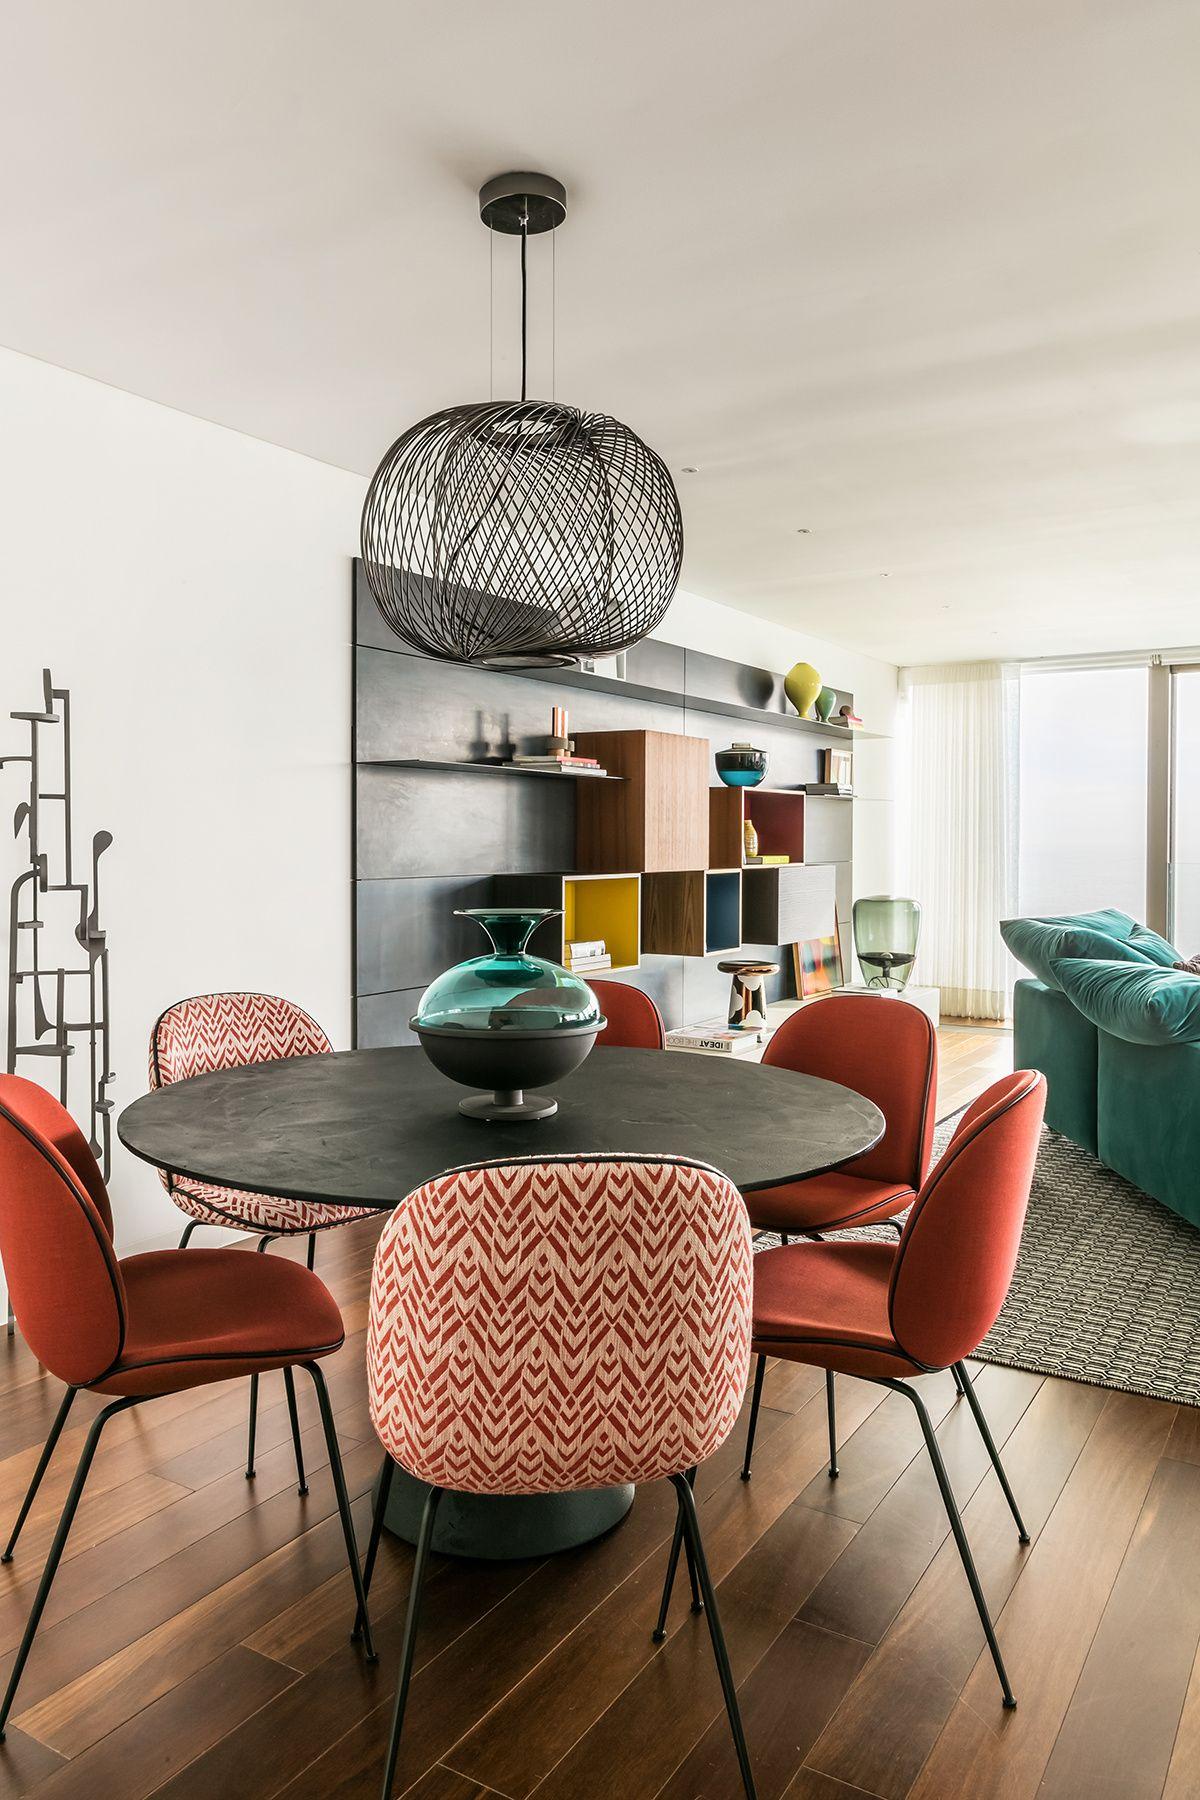 Fado BRASILEÑO | Pinterest | Sessel, Wohnzimmer ideen und Hochwertig